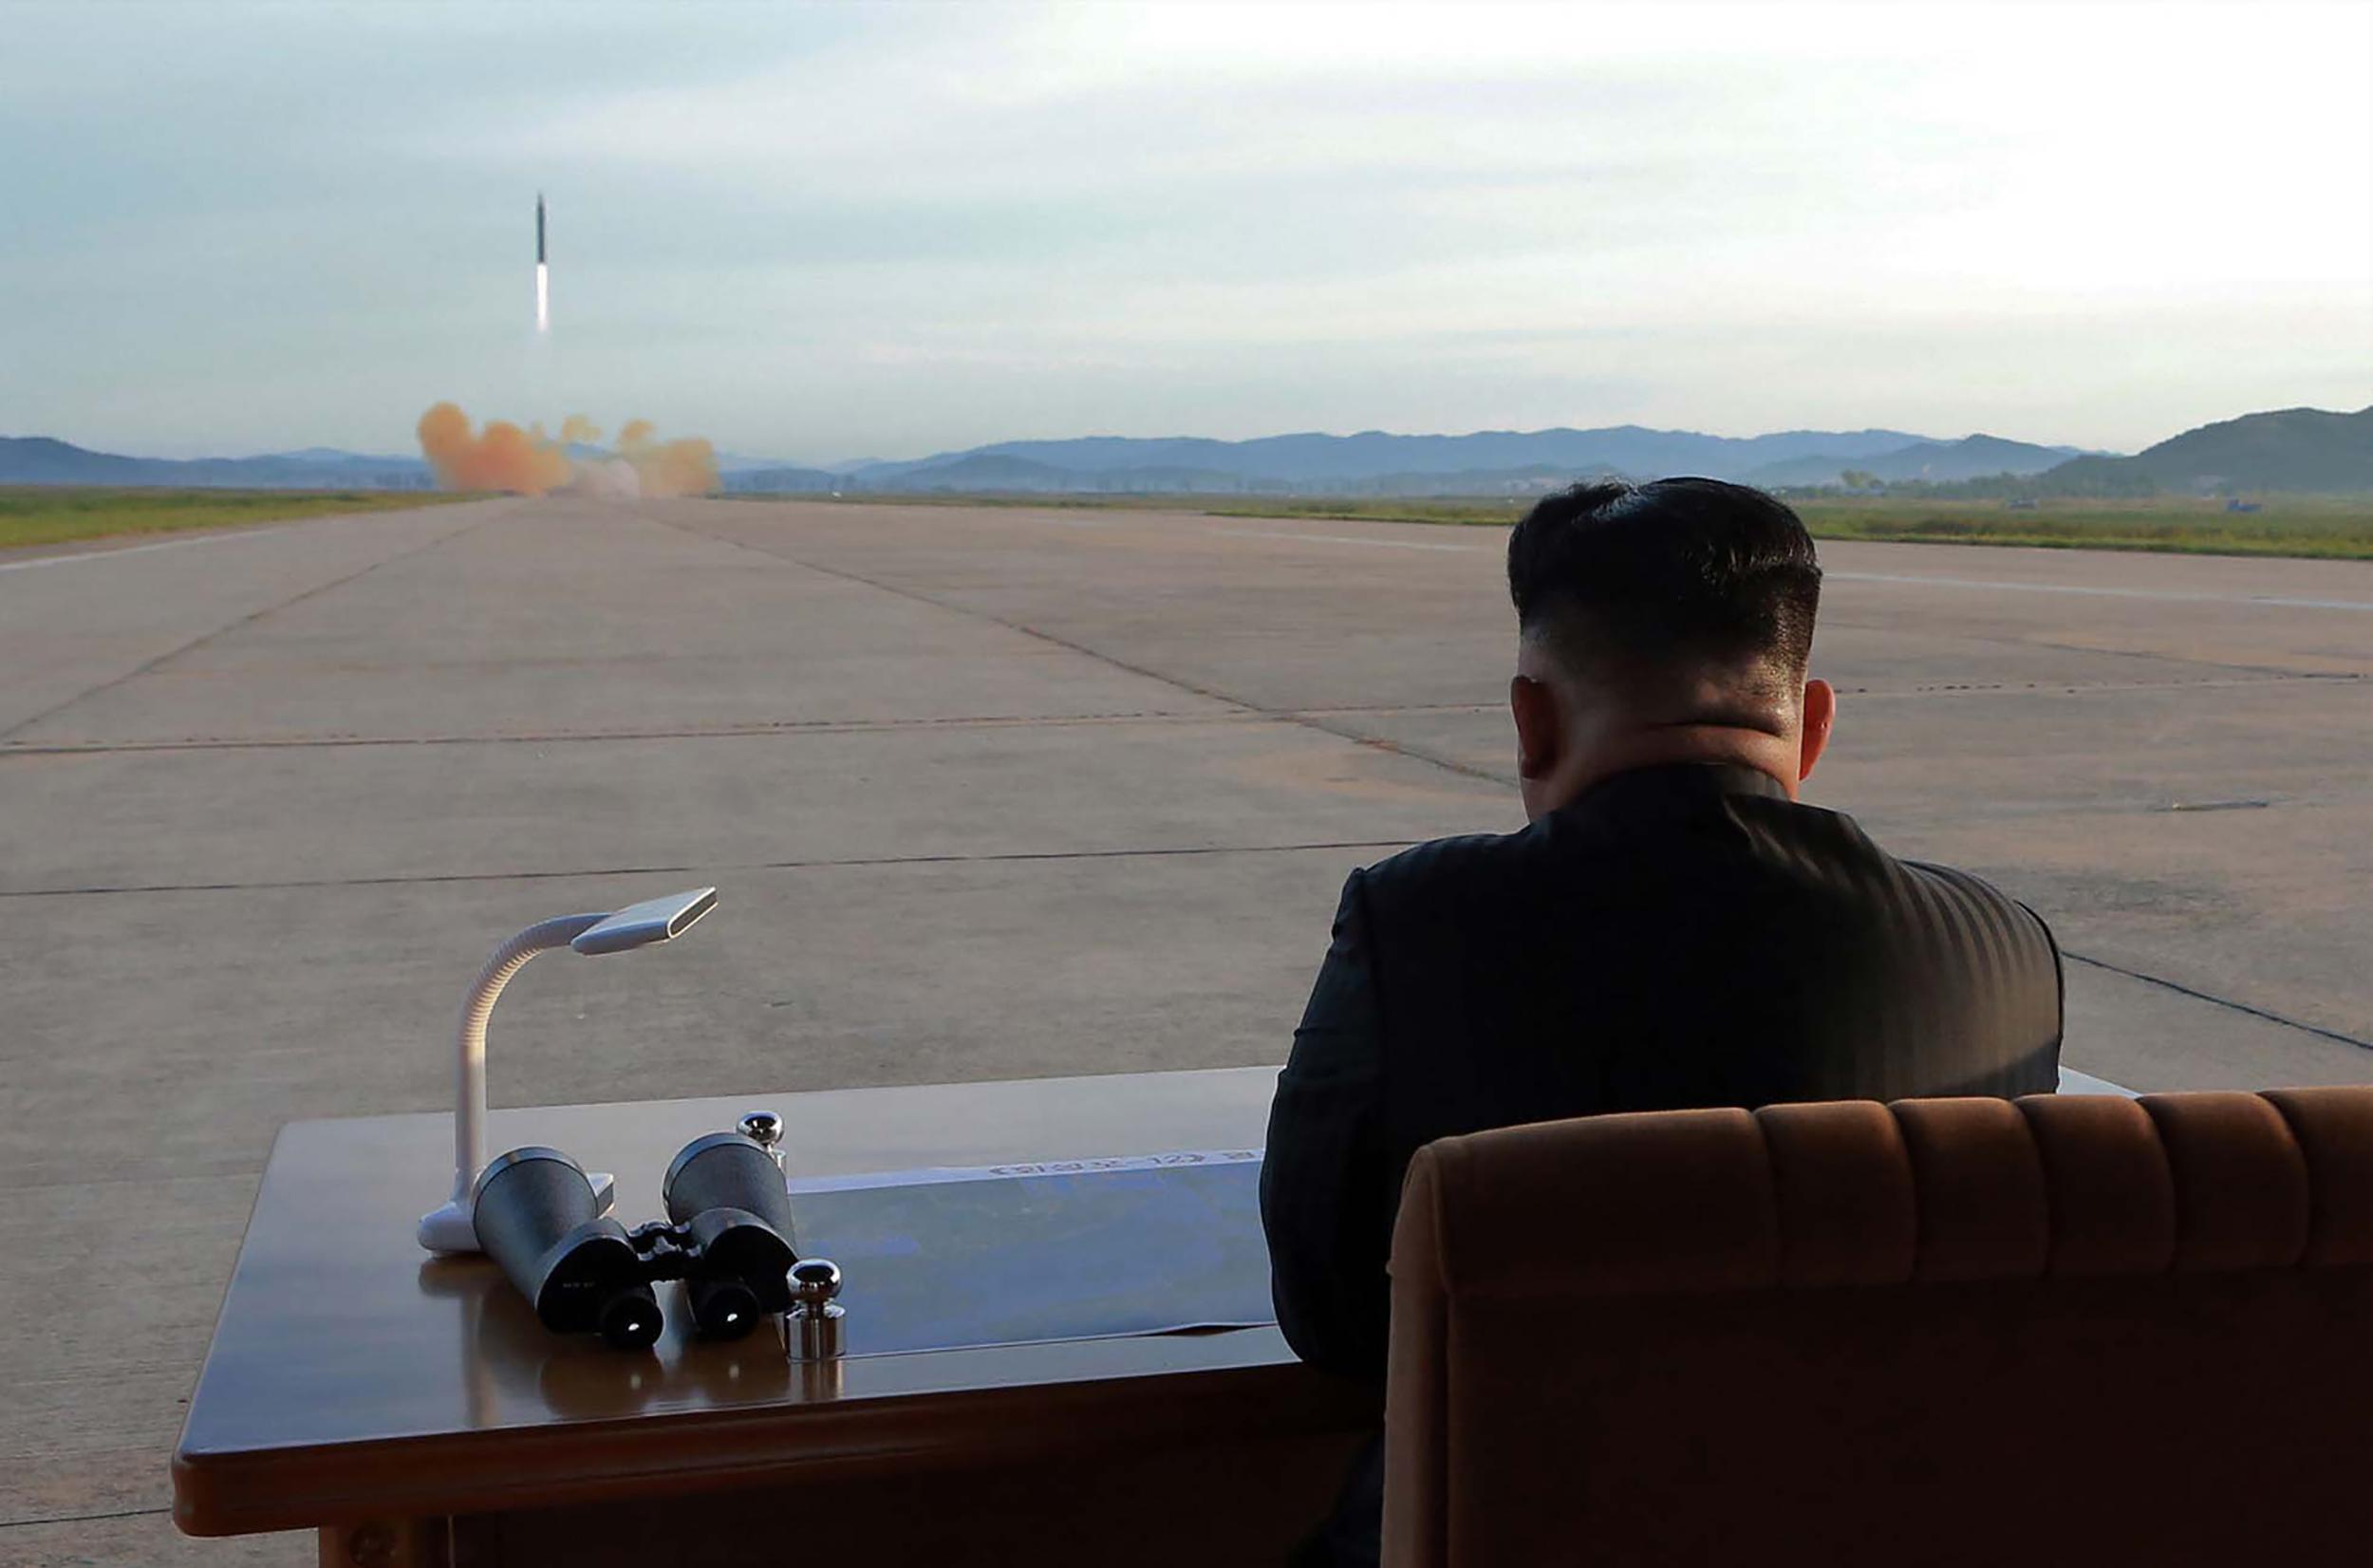 Az ENSZ szakértői szerint Észak-Korea kibertámadásokkal finanszírozza a fegyverprogramját